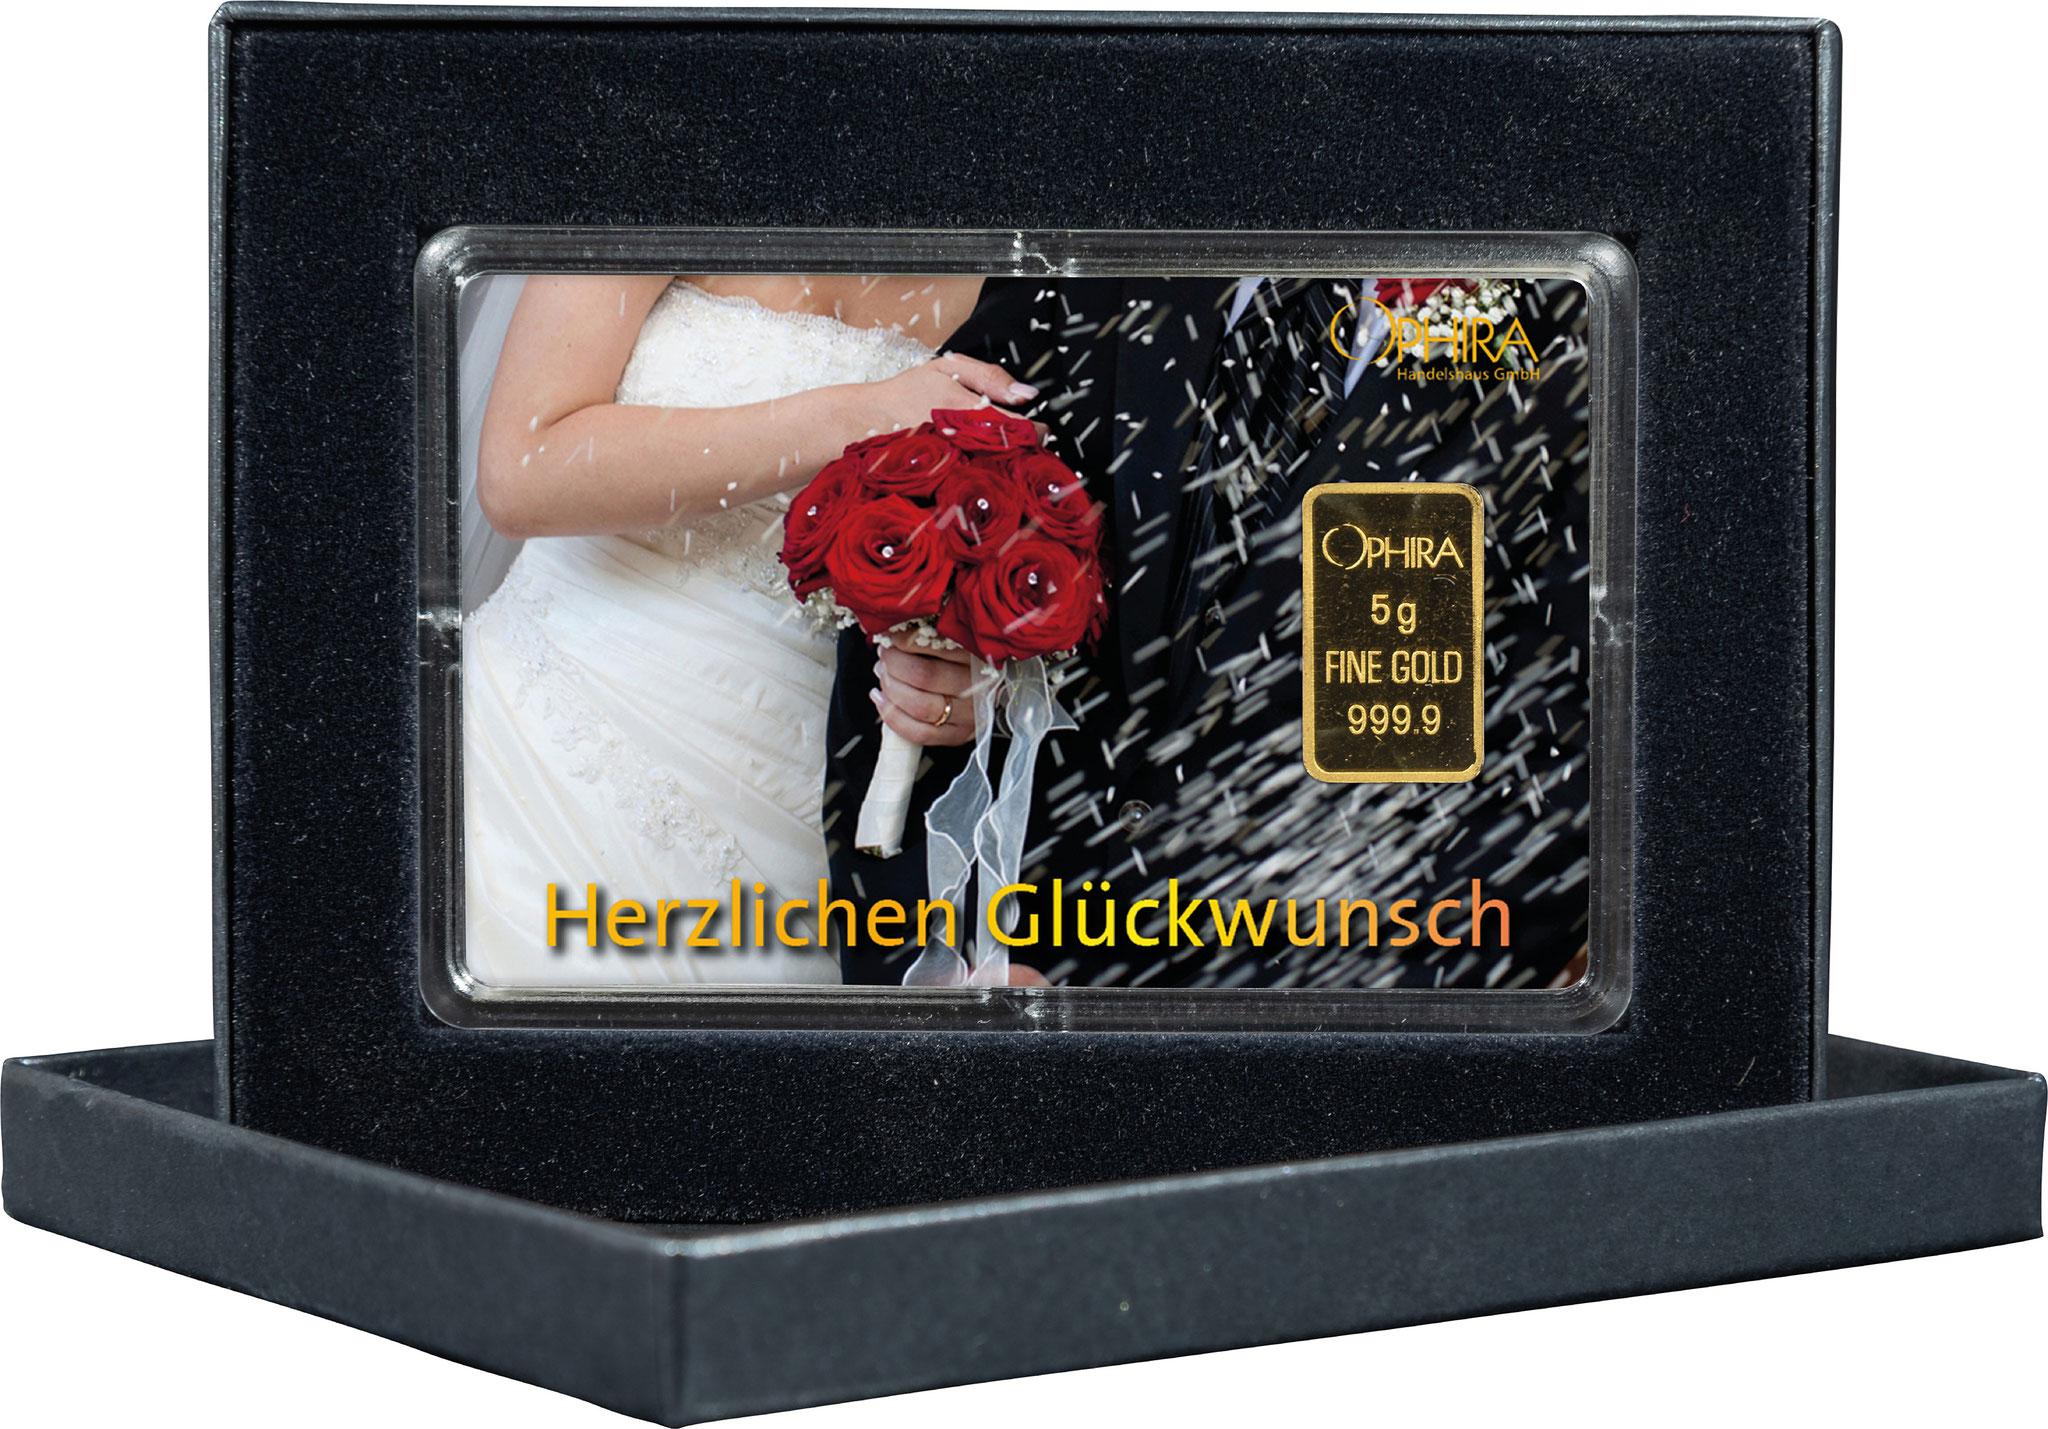 Geschenkbarren Hochzeit mit einem Goldbarren in edlem Etui